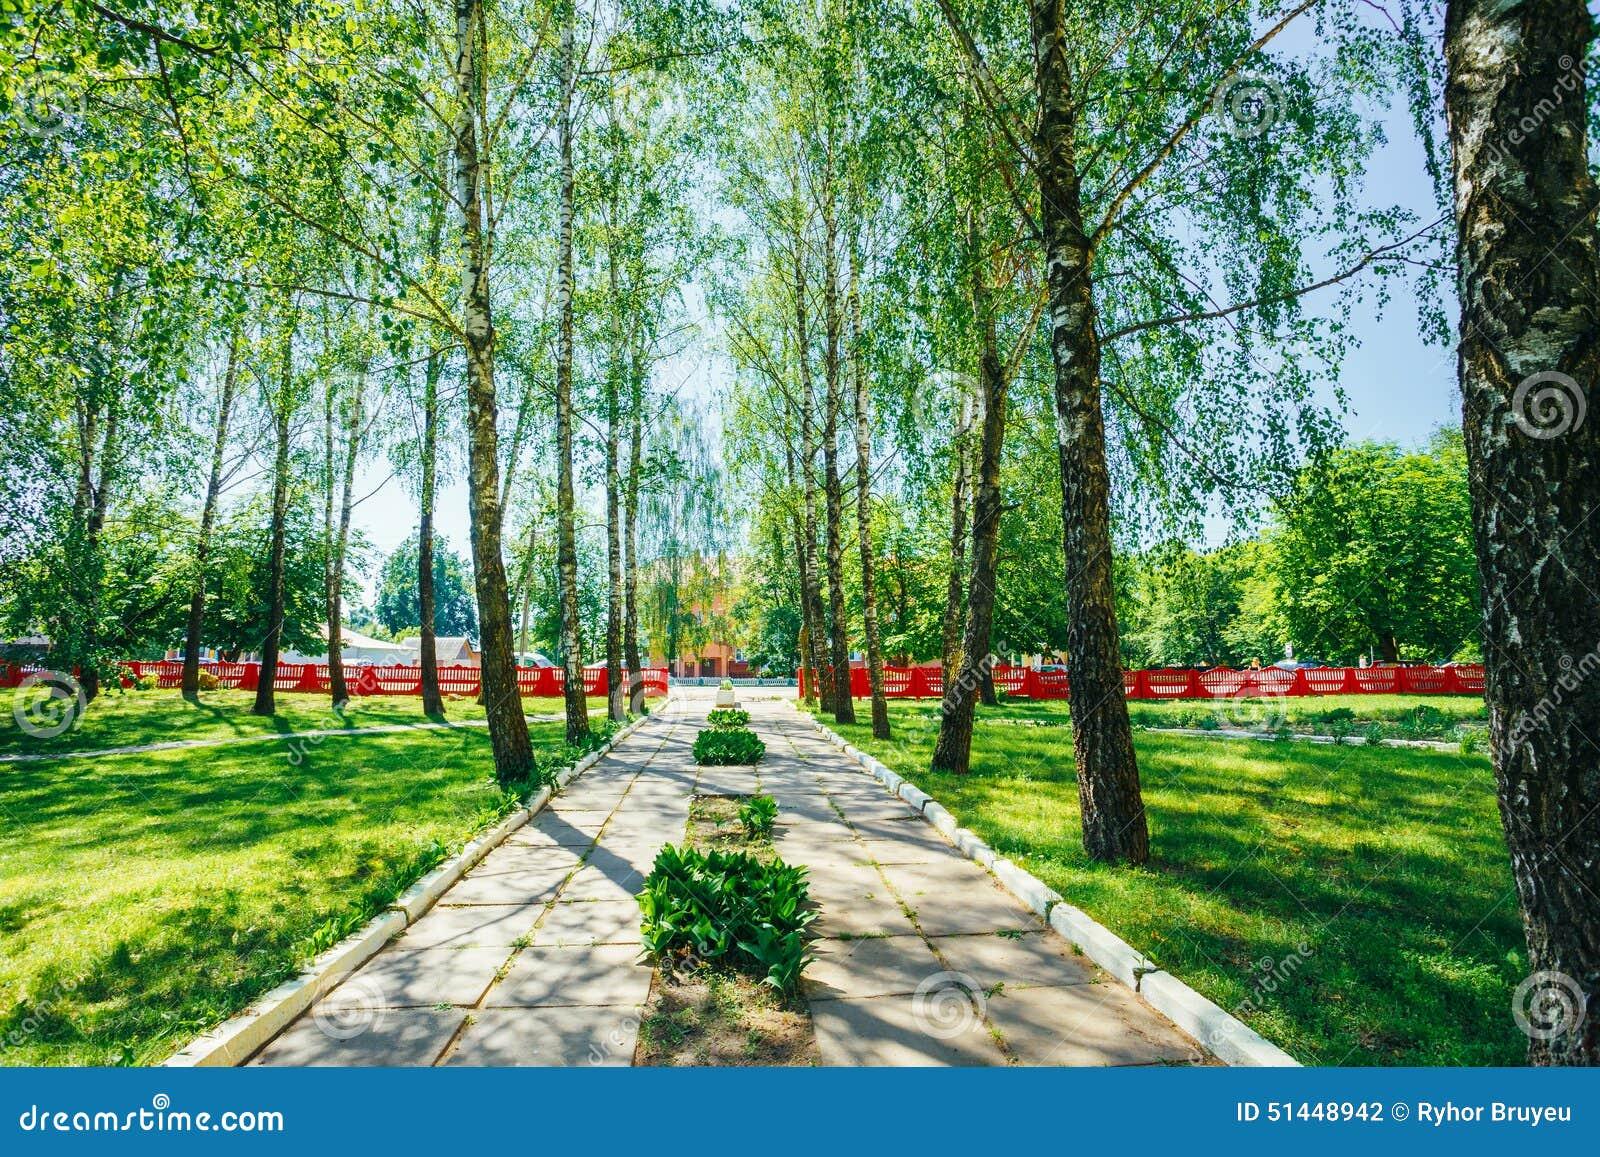 All e en parc conception de am nagement de jardin photo for Cours de conception de jardin